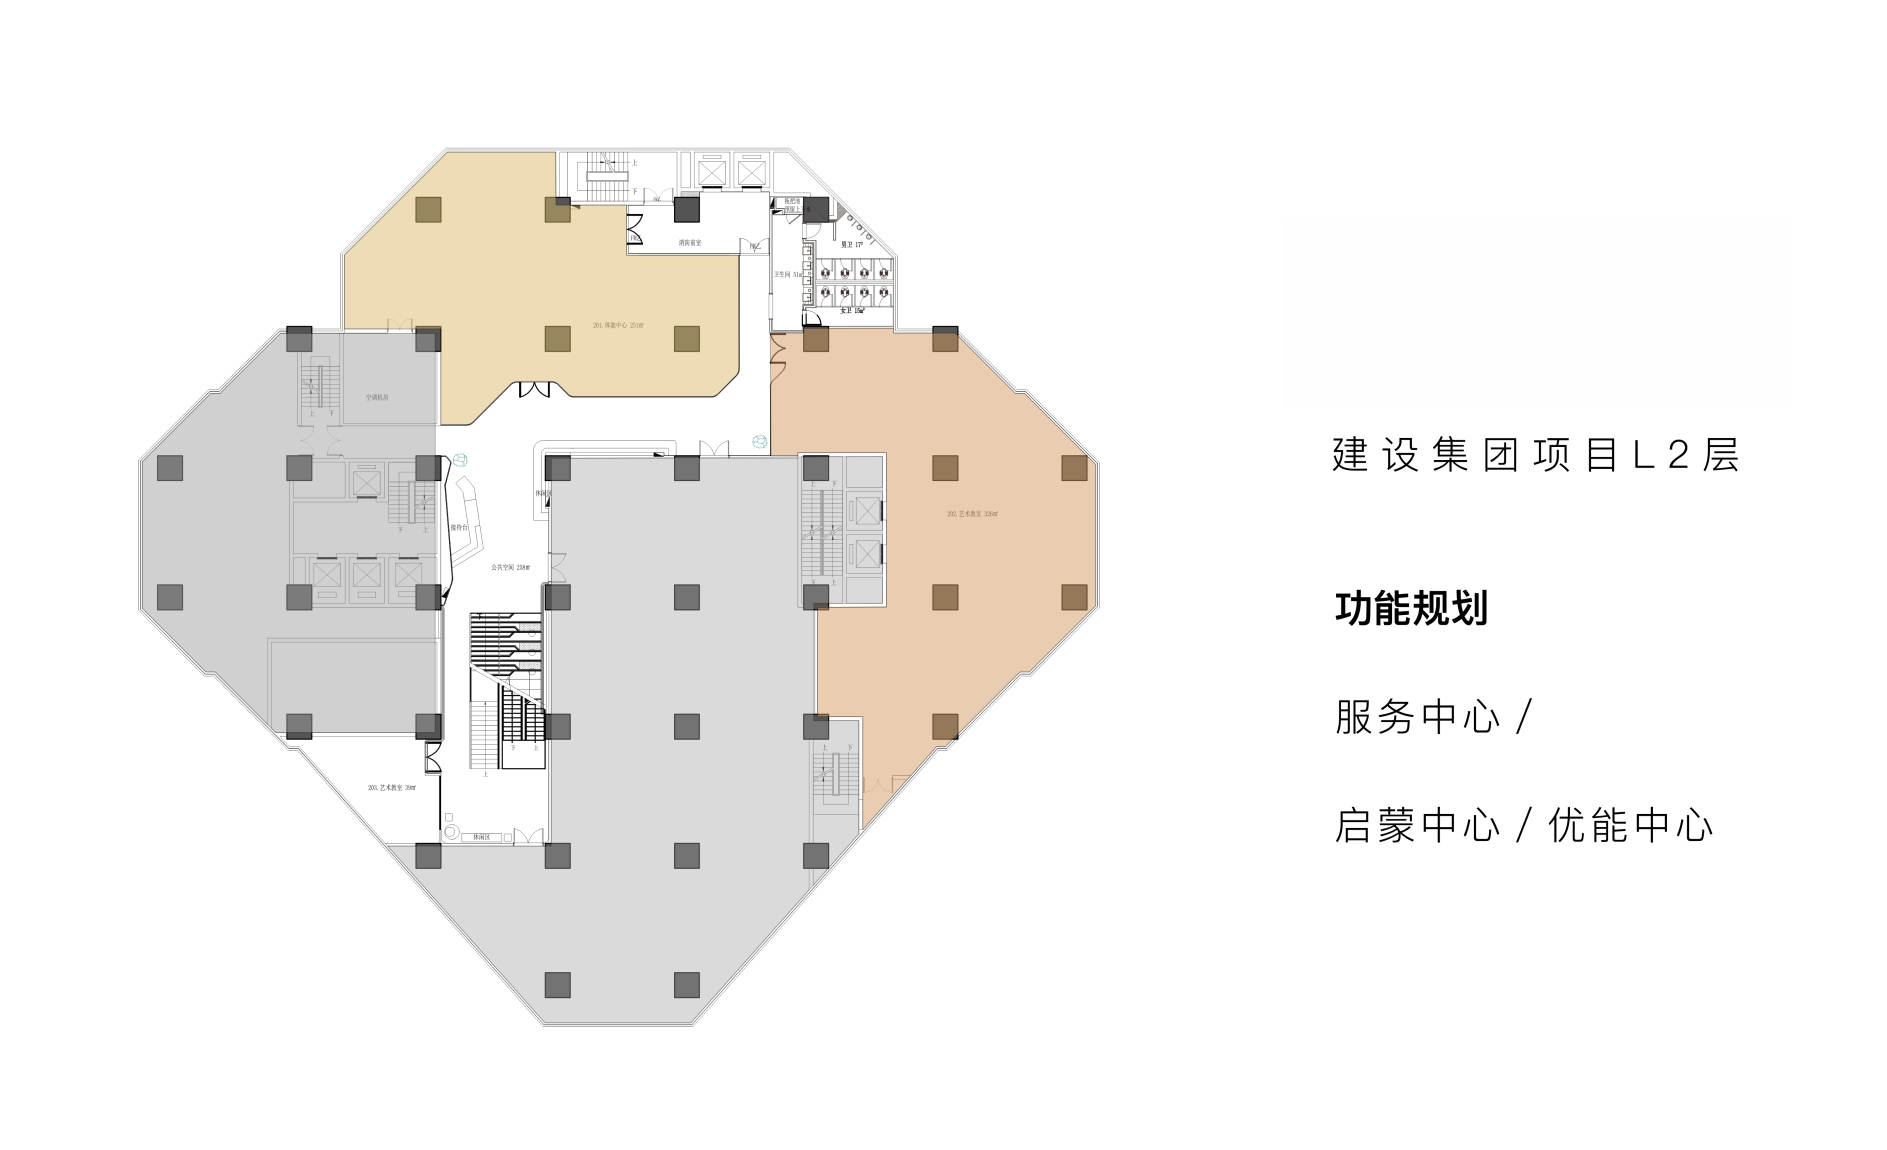 平面布置图002.jpg